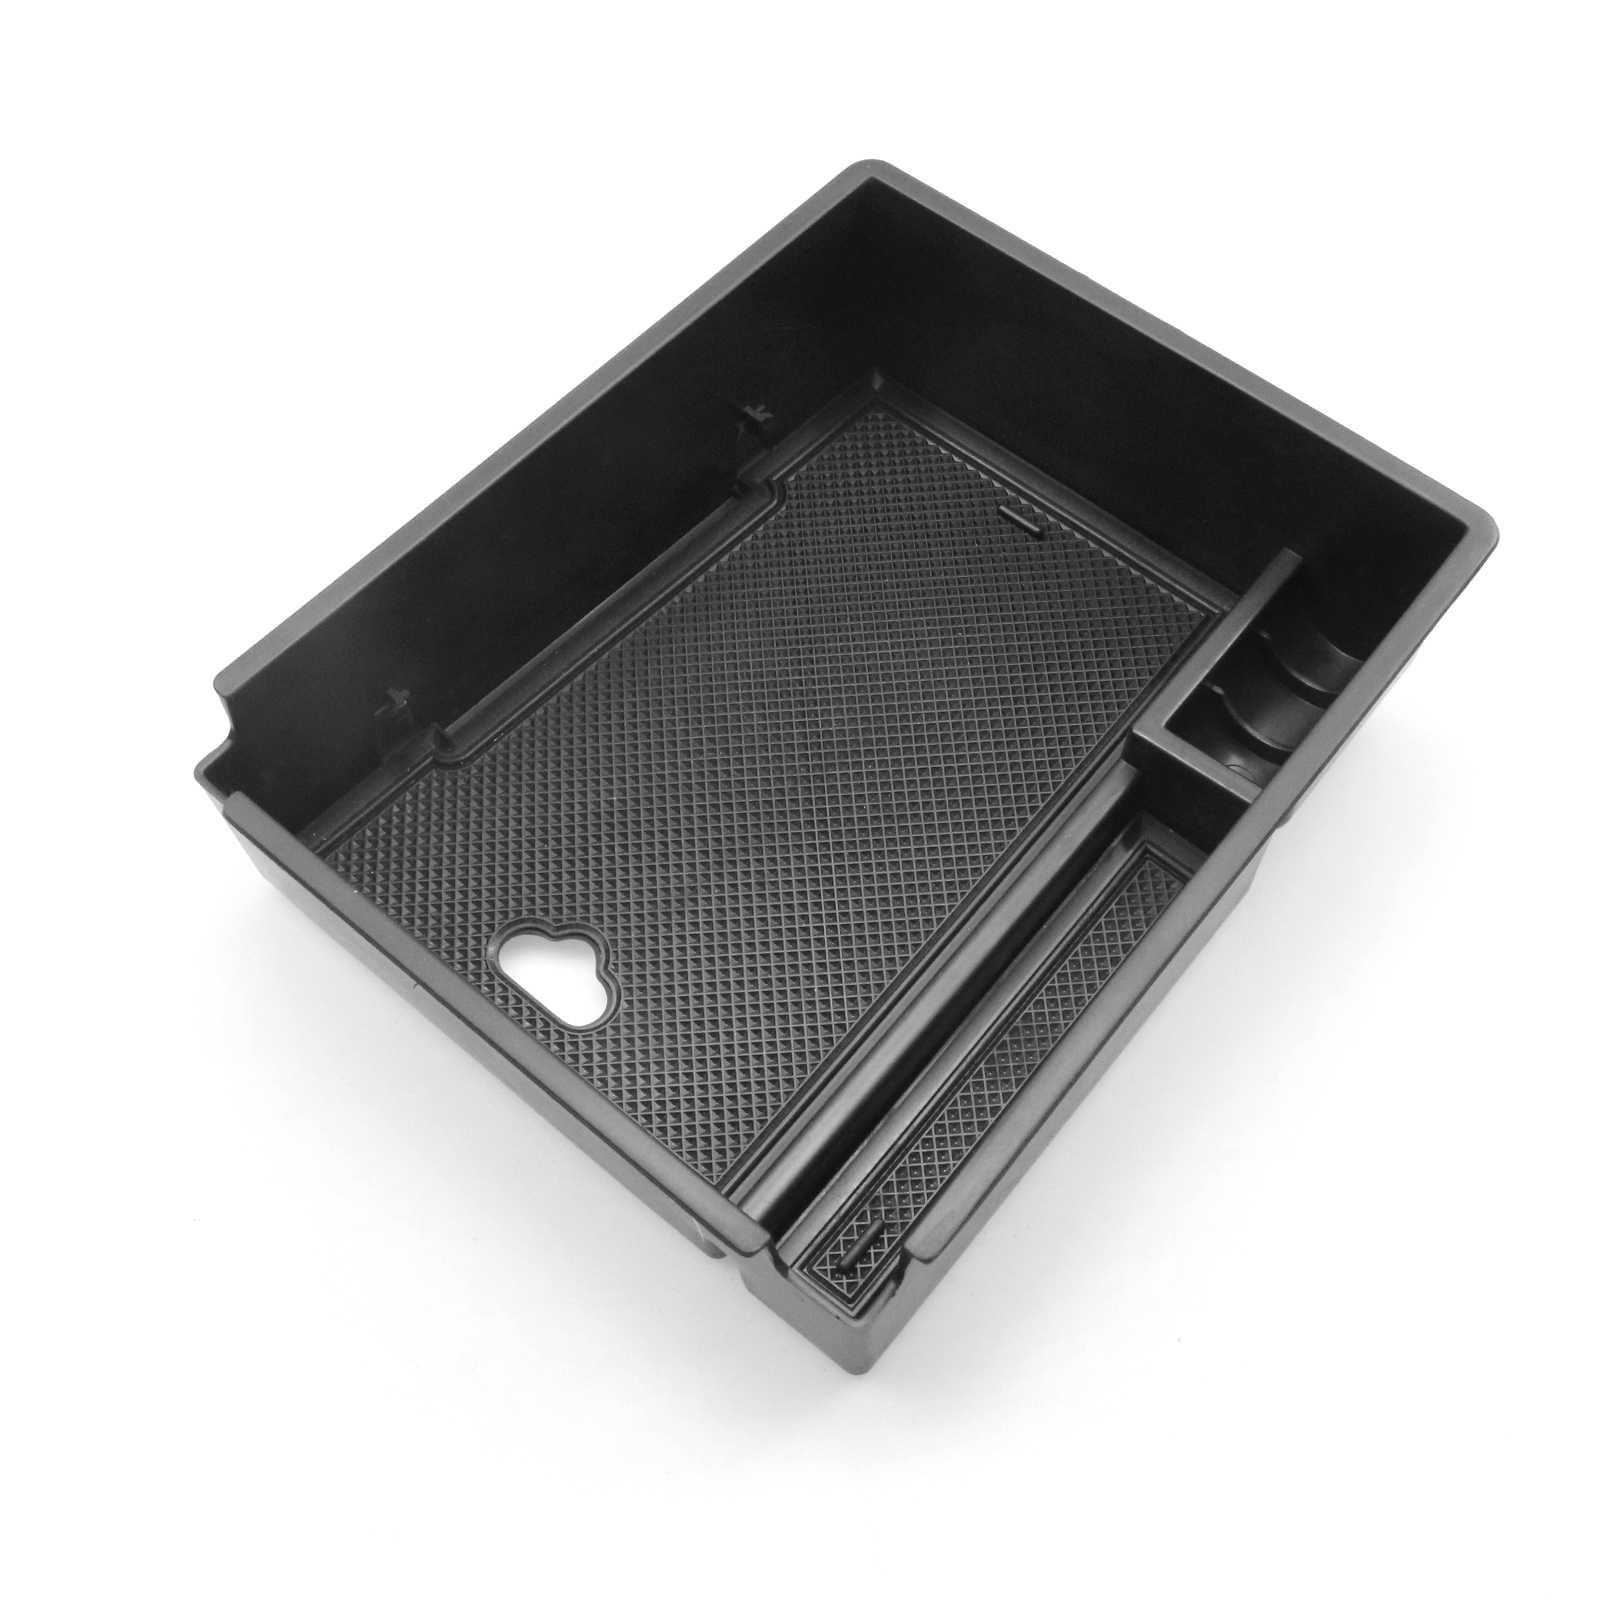 LFOTPP центральный автомобильный подлокотник для хранения Коробка для Tucson NX4 otali.ru Нескользящий Резиновый Контейнер аксессуары для авто интерьера